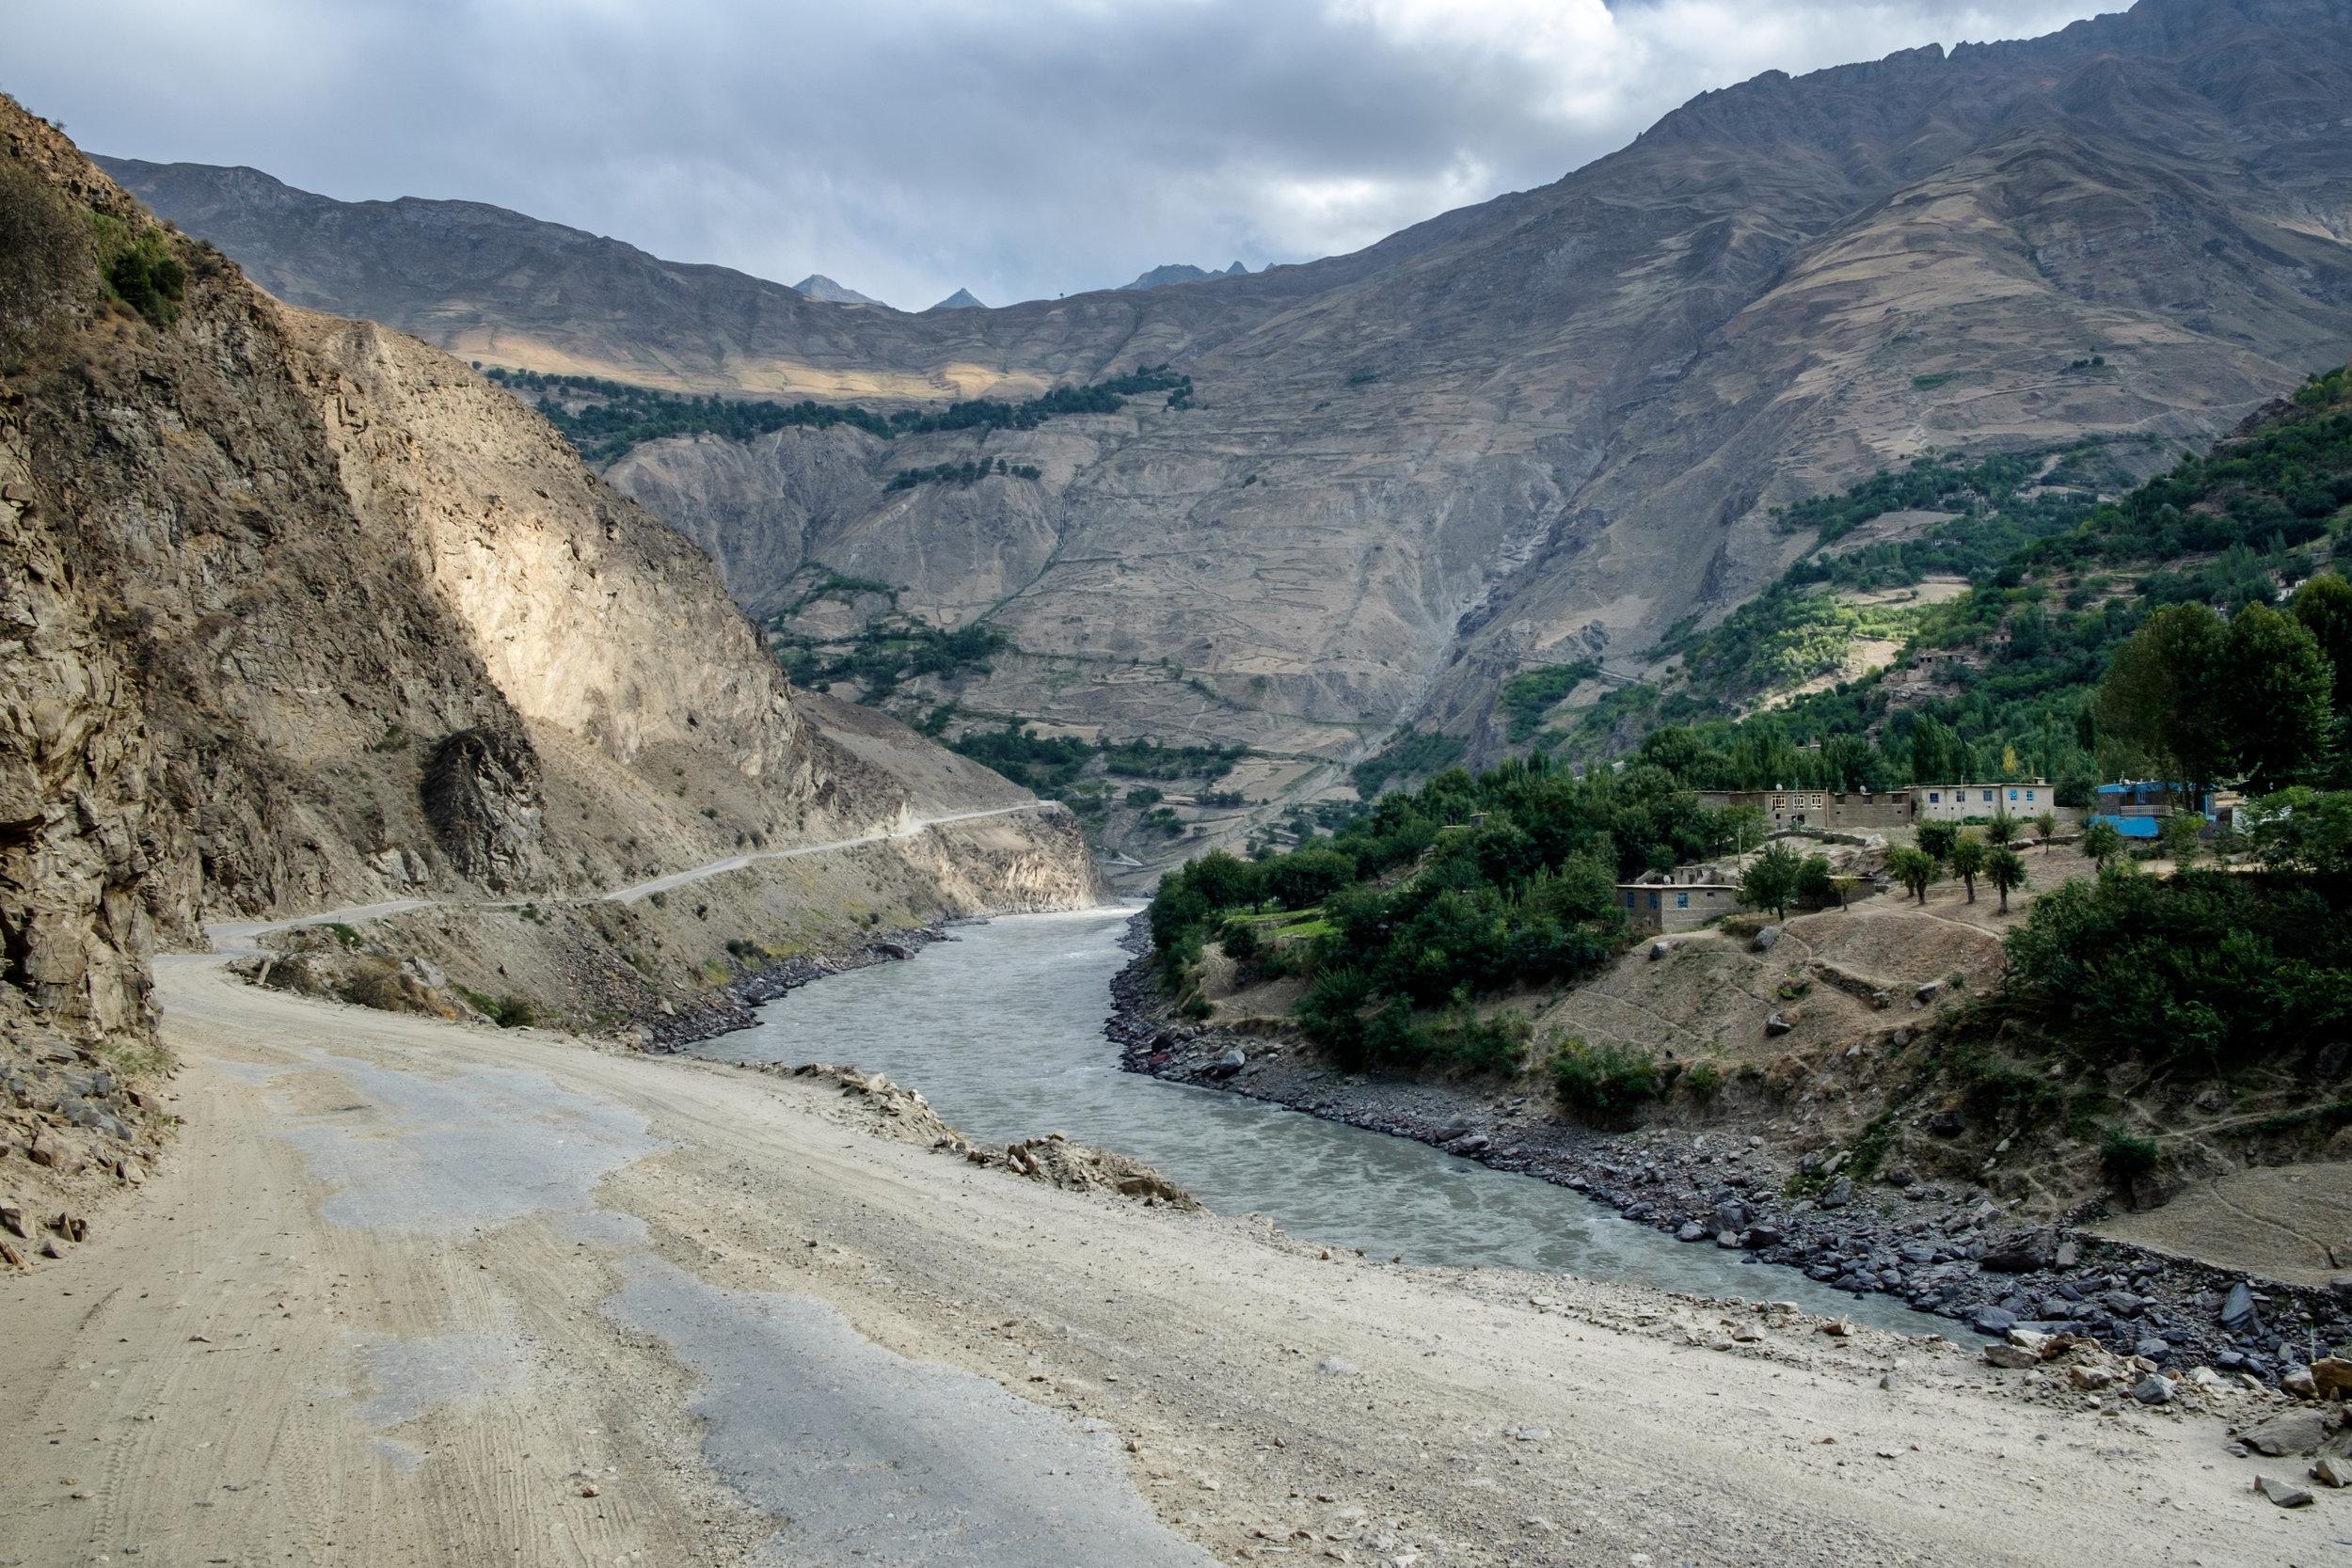 À gauche, le Tadjikistan, à droite, l'Afghanistan.